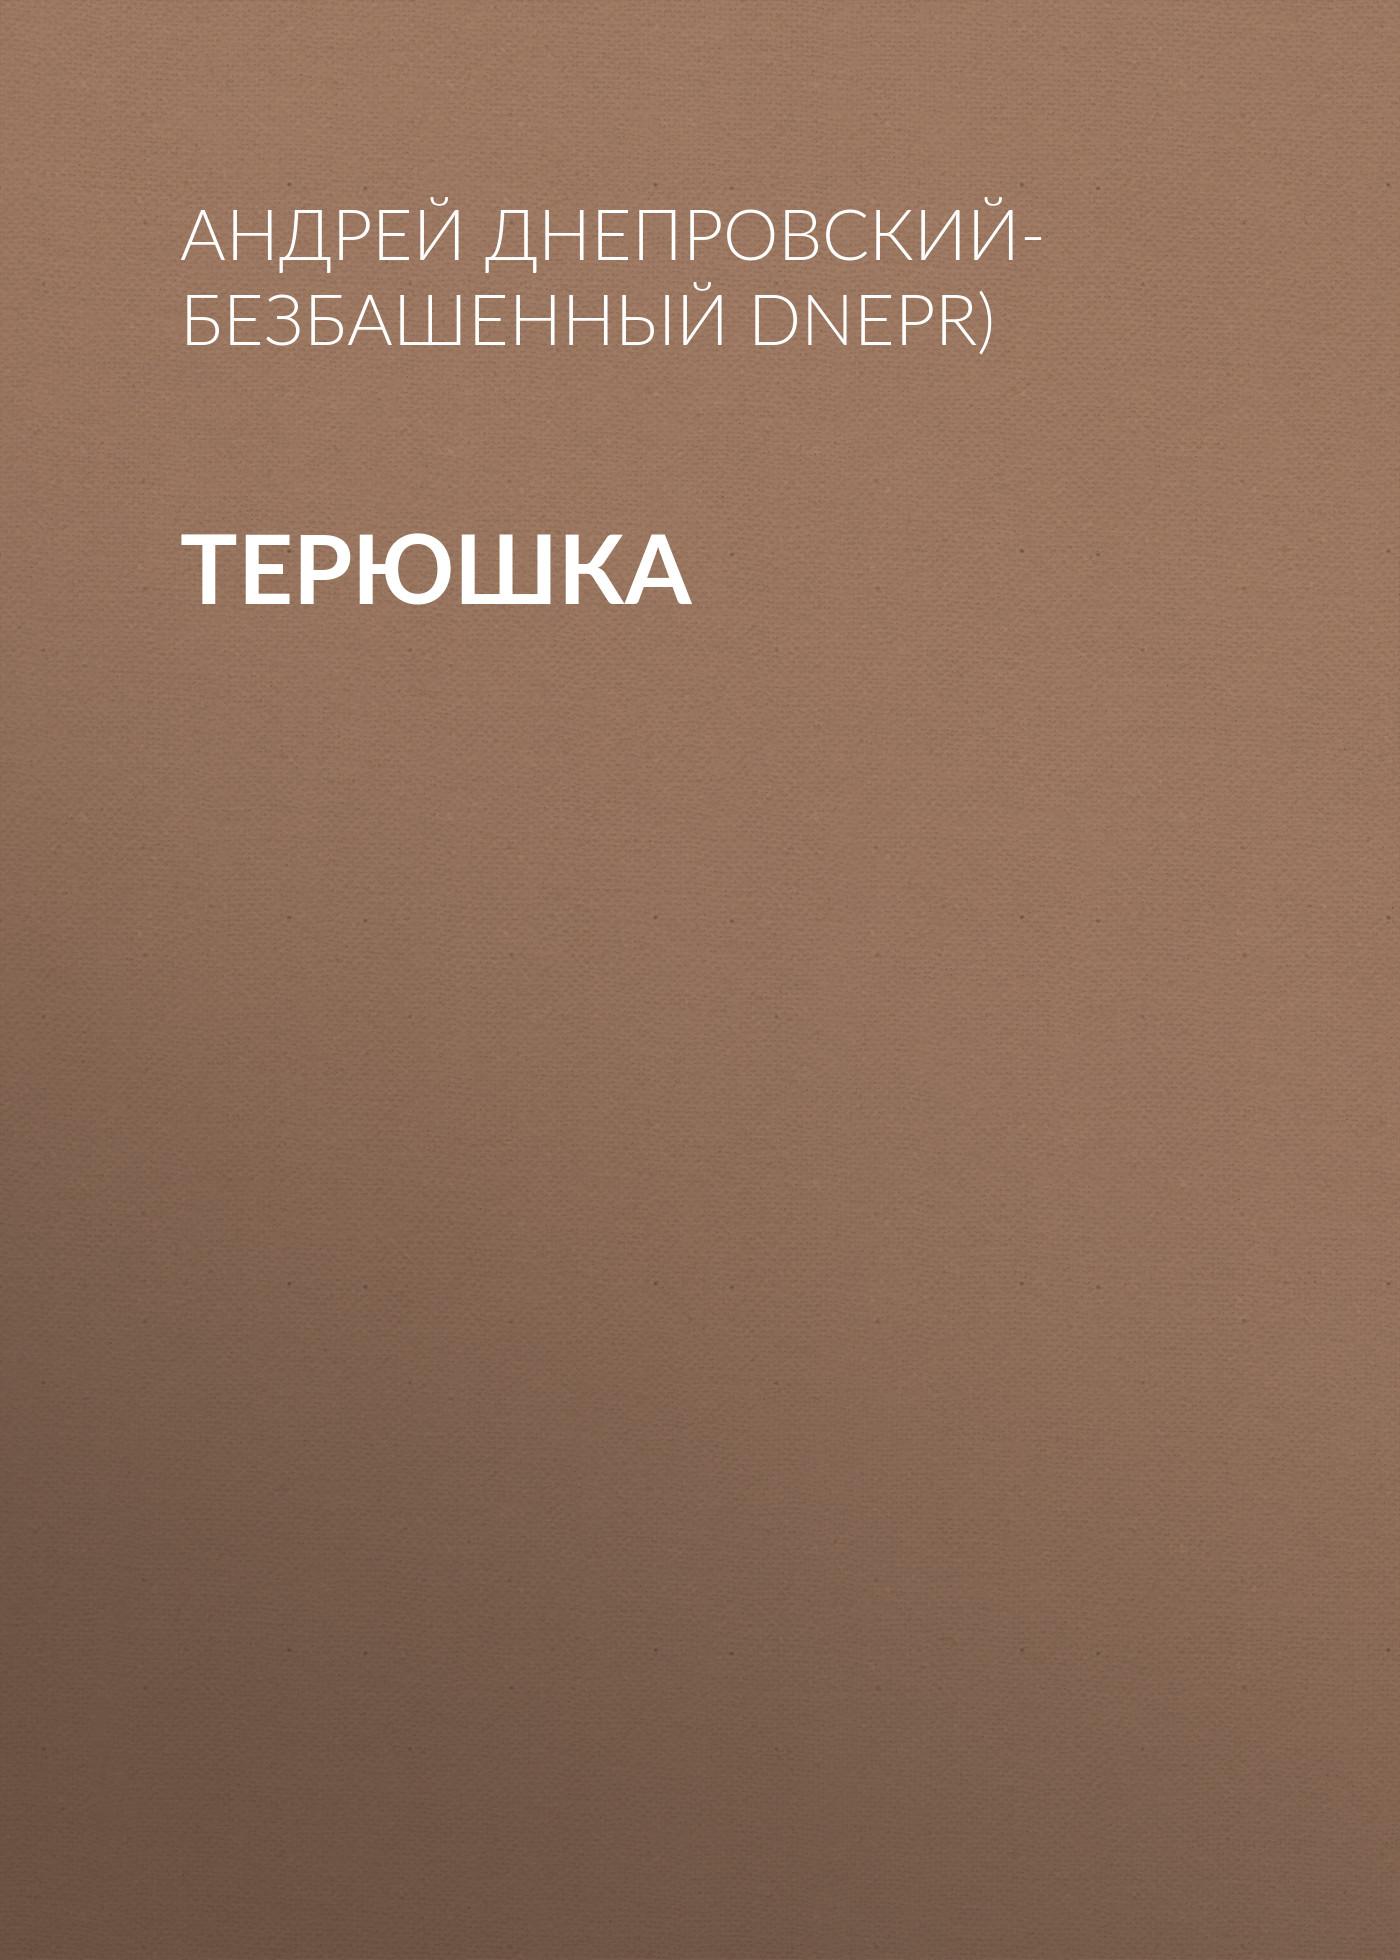 Андрей Днепровский-Безбашенный (A.DNEPR) Терюшка андрей днепровский безбашенный a dnepr верить всебя новеллы